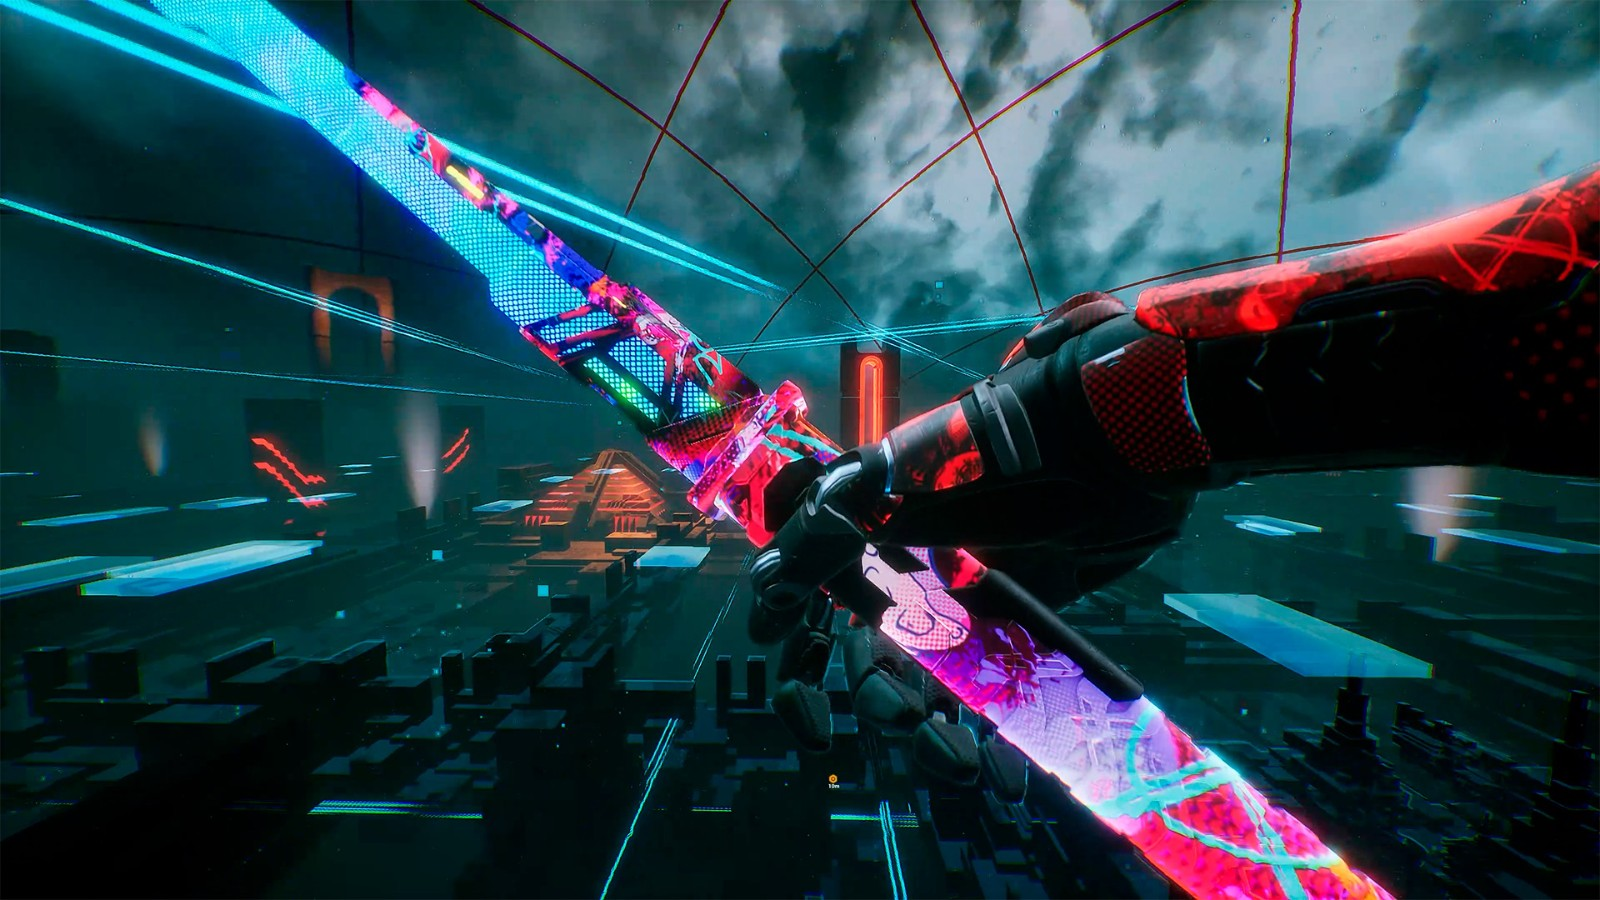 《幽灵行者》霓虹DLC上市 更新两种全新游戏模式